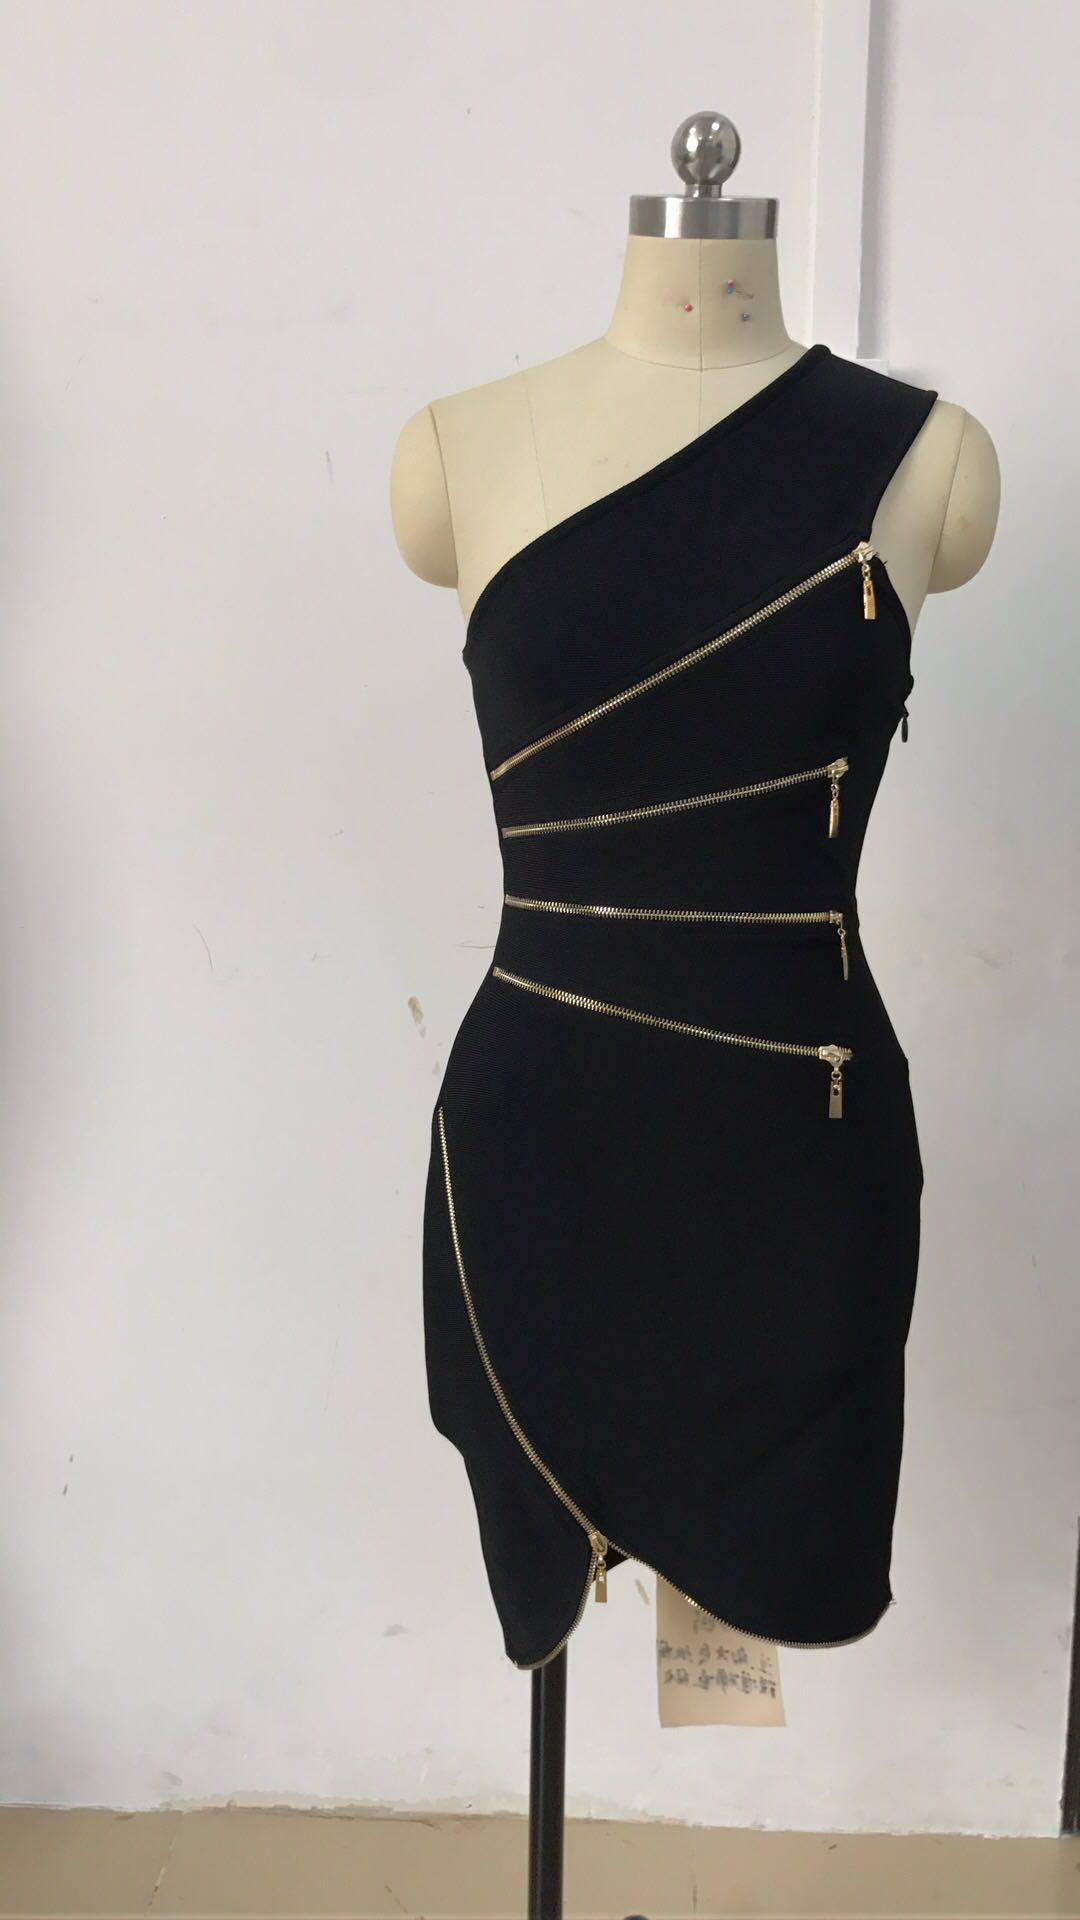 2019 nueva moda alta calidad elegante un hombro sin espalda sin mangas negro Sexy fiesta mujeres Mini rayón vendaje cadera vestido - 3